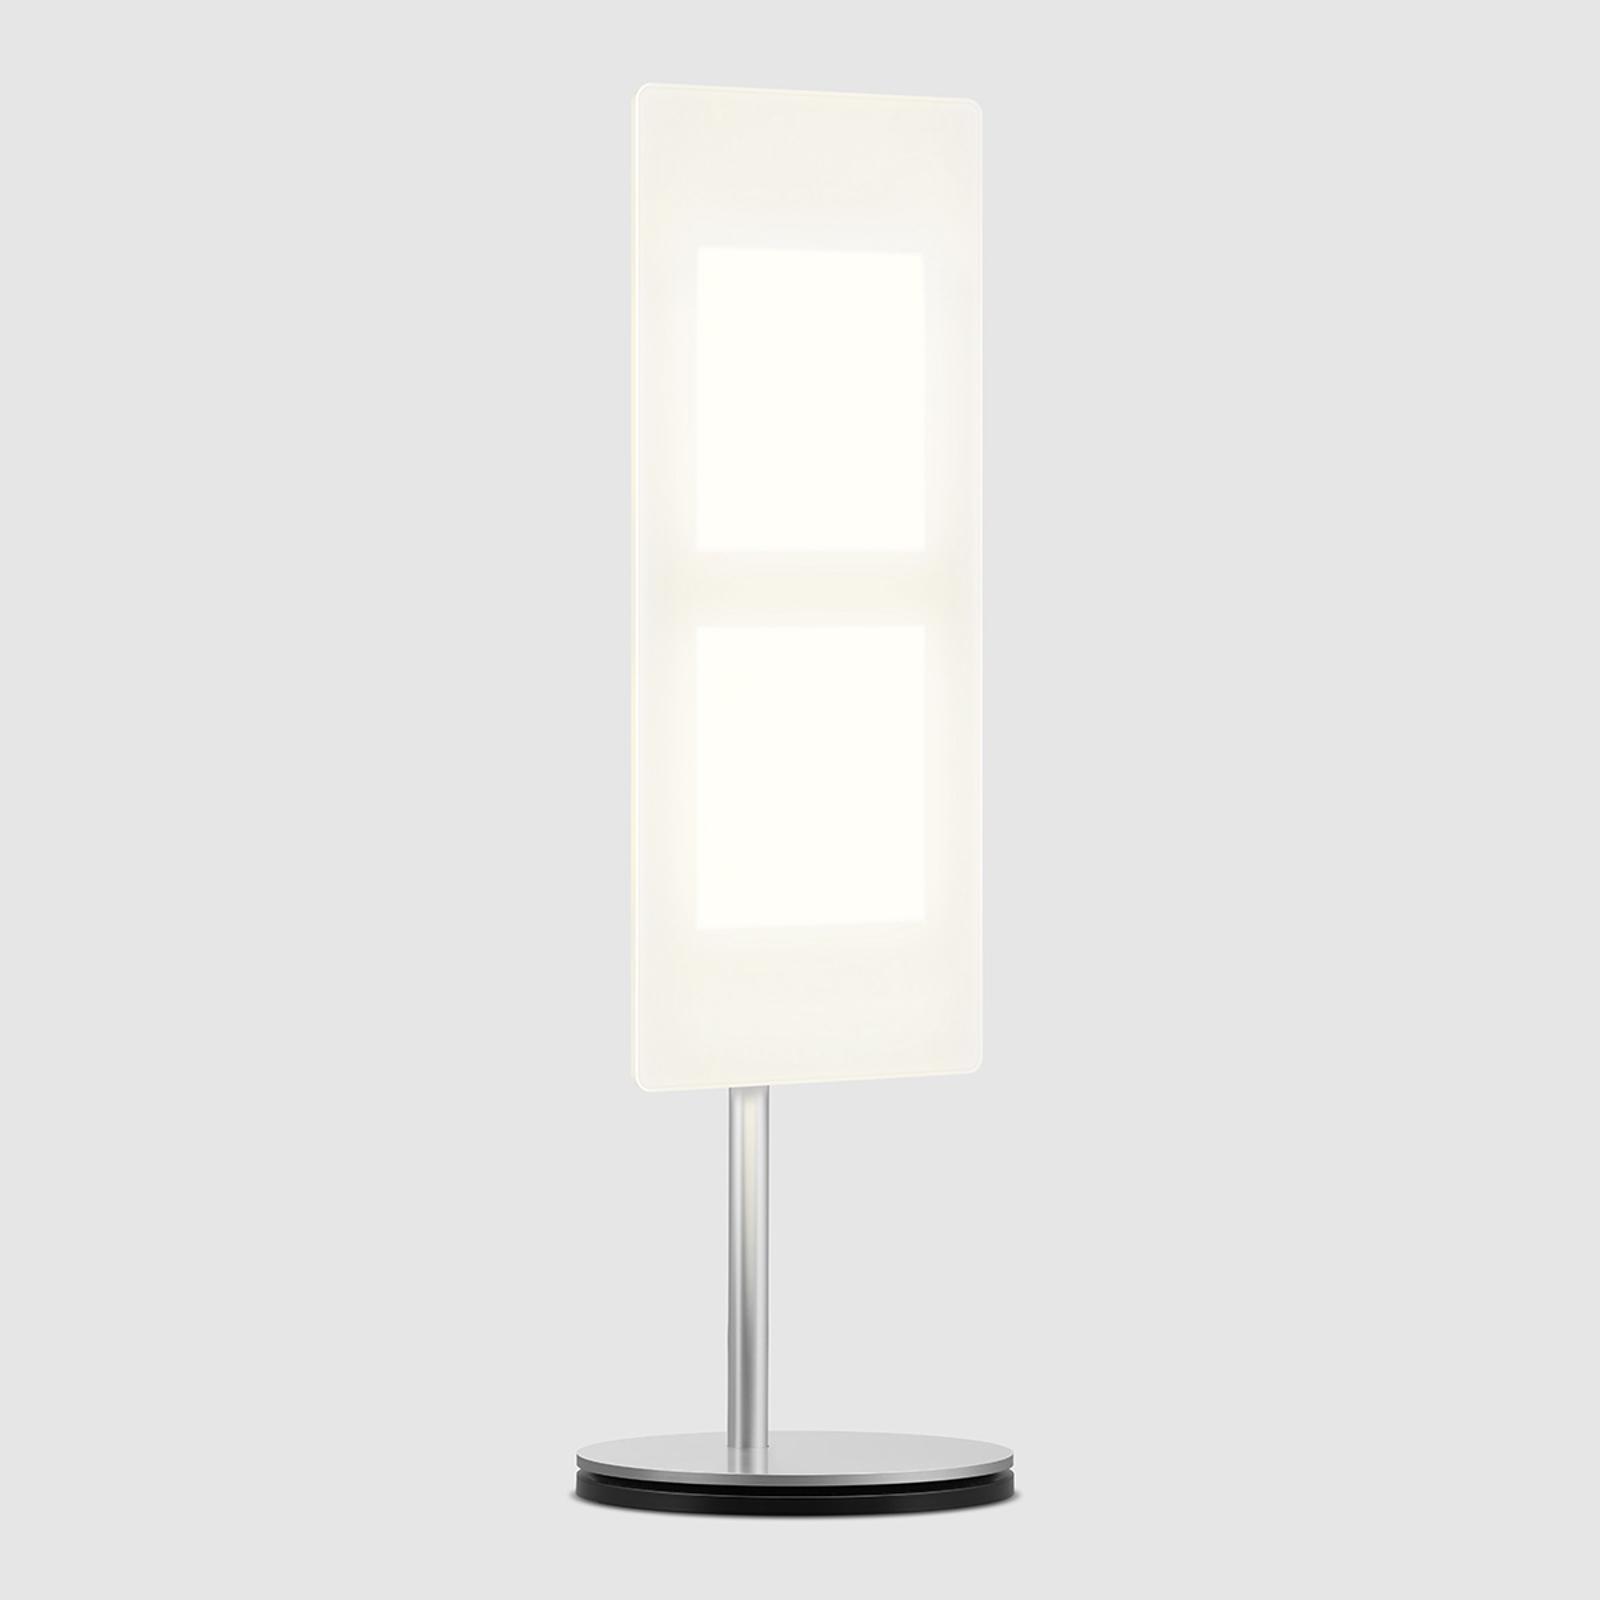 47,8 cm hoge OLED tafellamp OMLED One t2, zwart